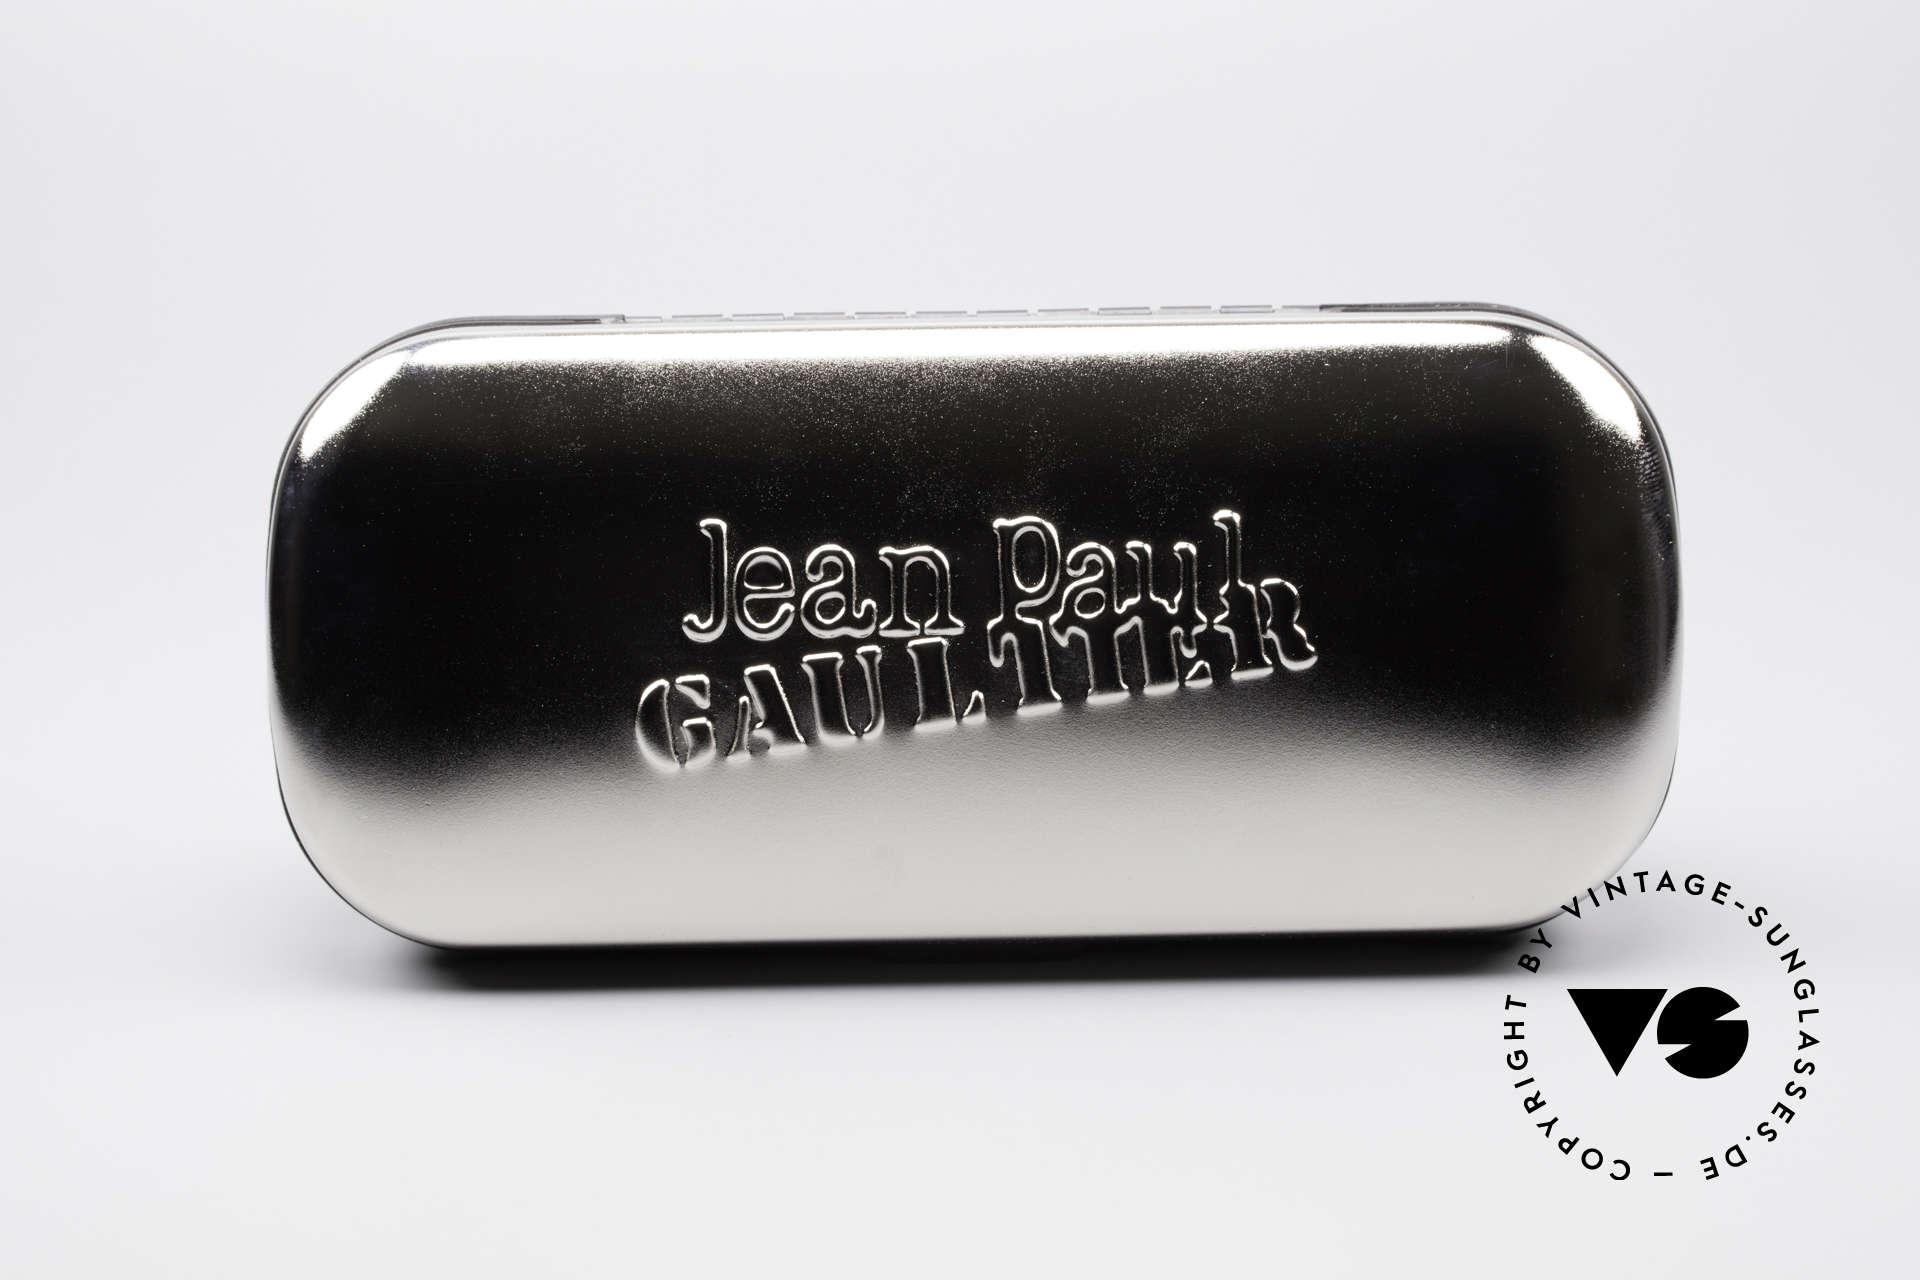 """Jean Paul Gaultier 10 Cases Alte Original Gaultier Etuis, mit dem berühmten """"Jean Paul Gaultier"""" Logo, Passend für Herren und Damen"""